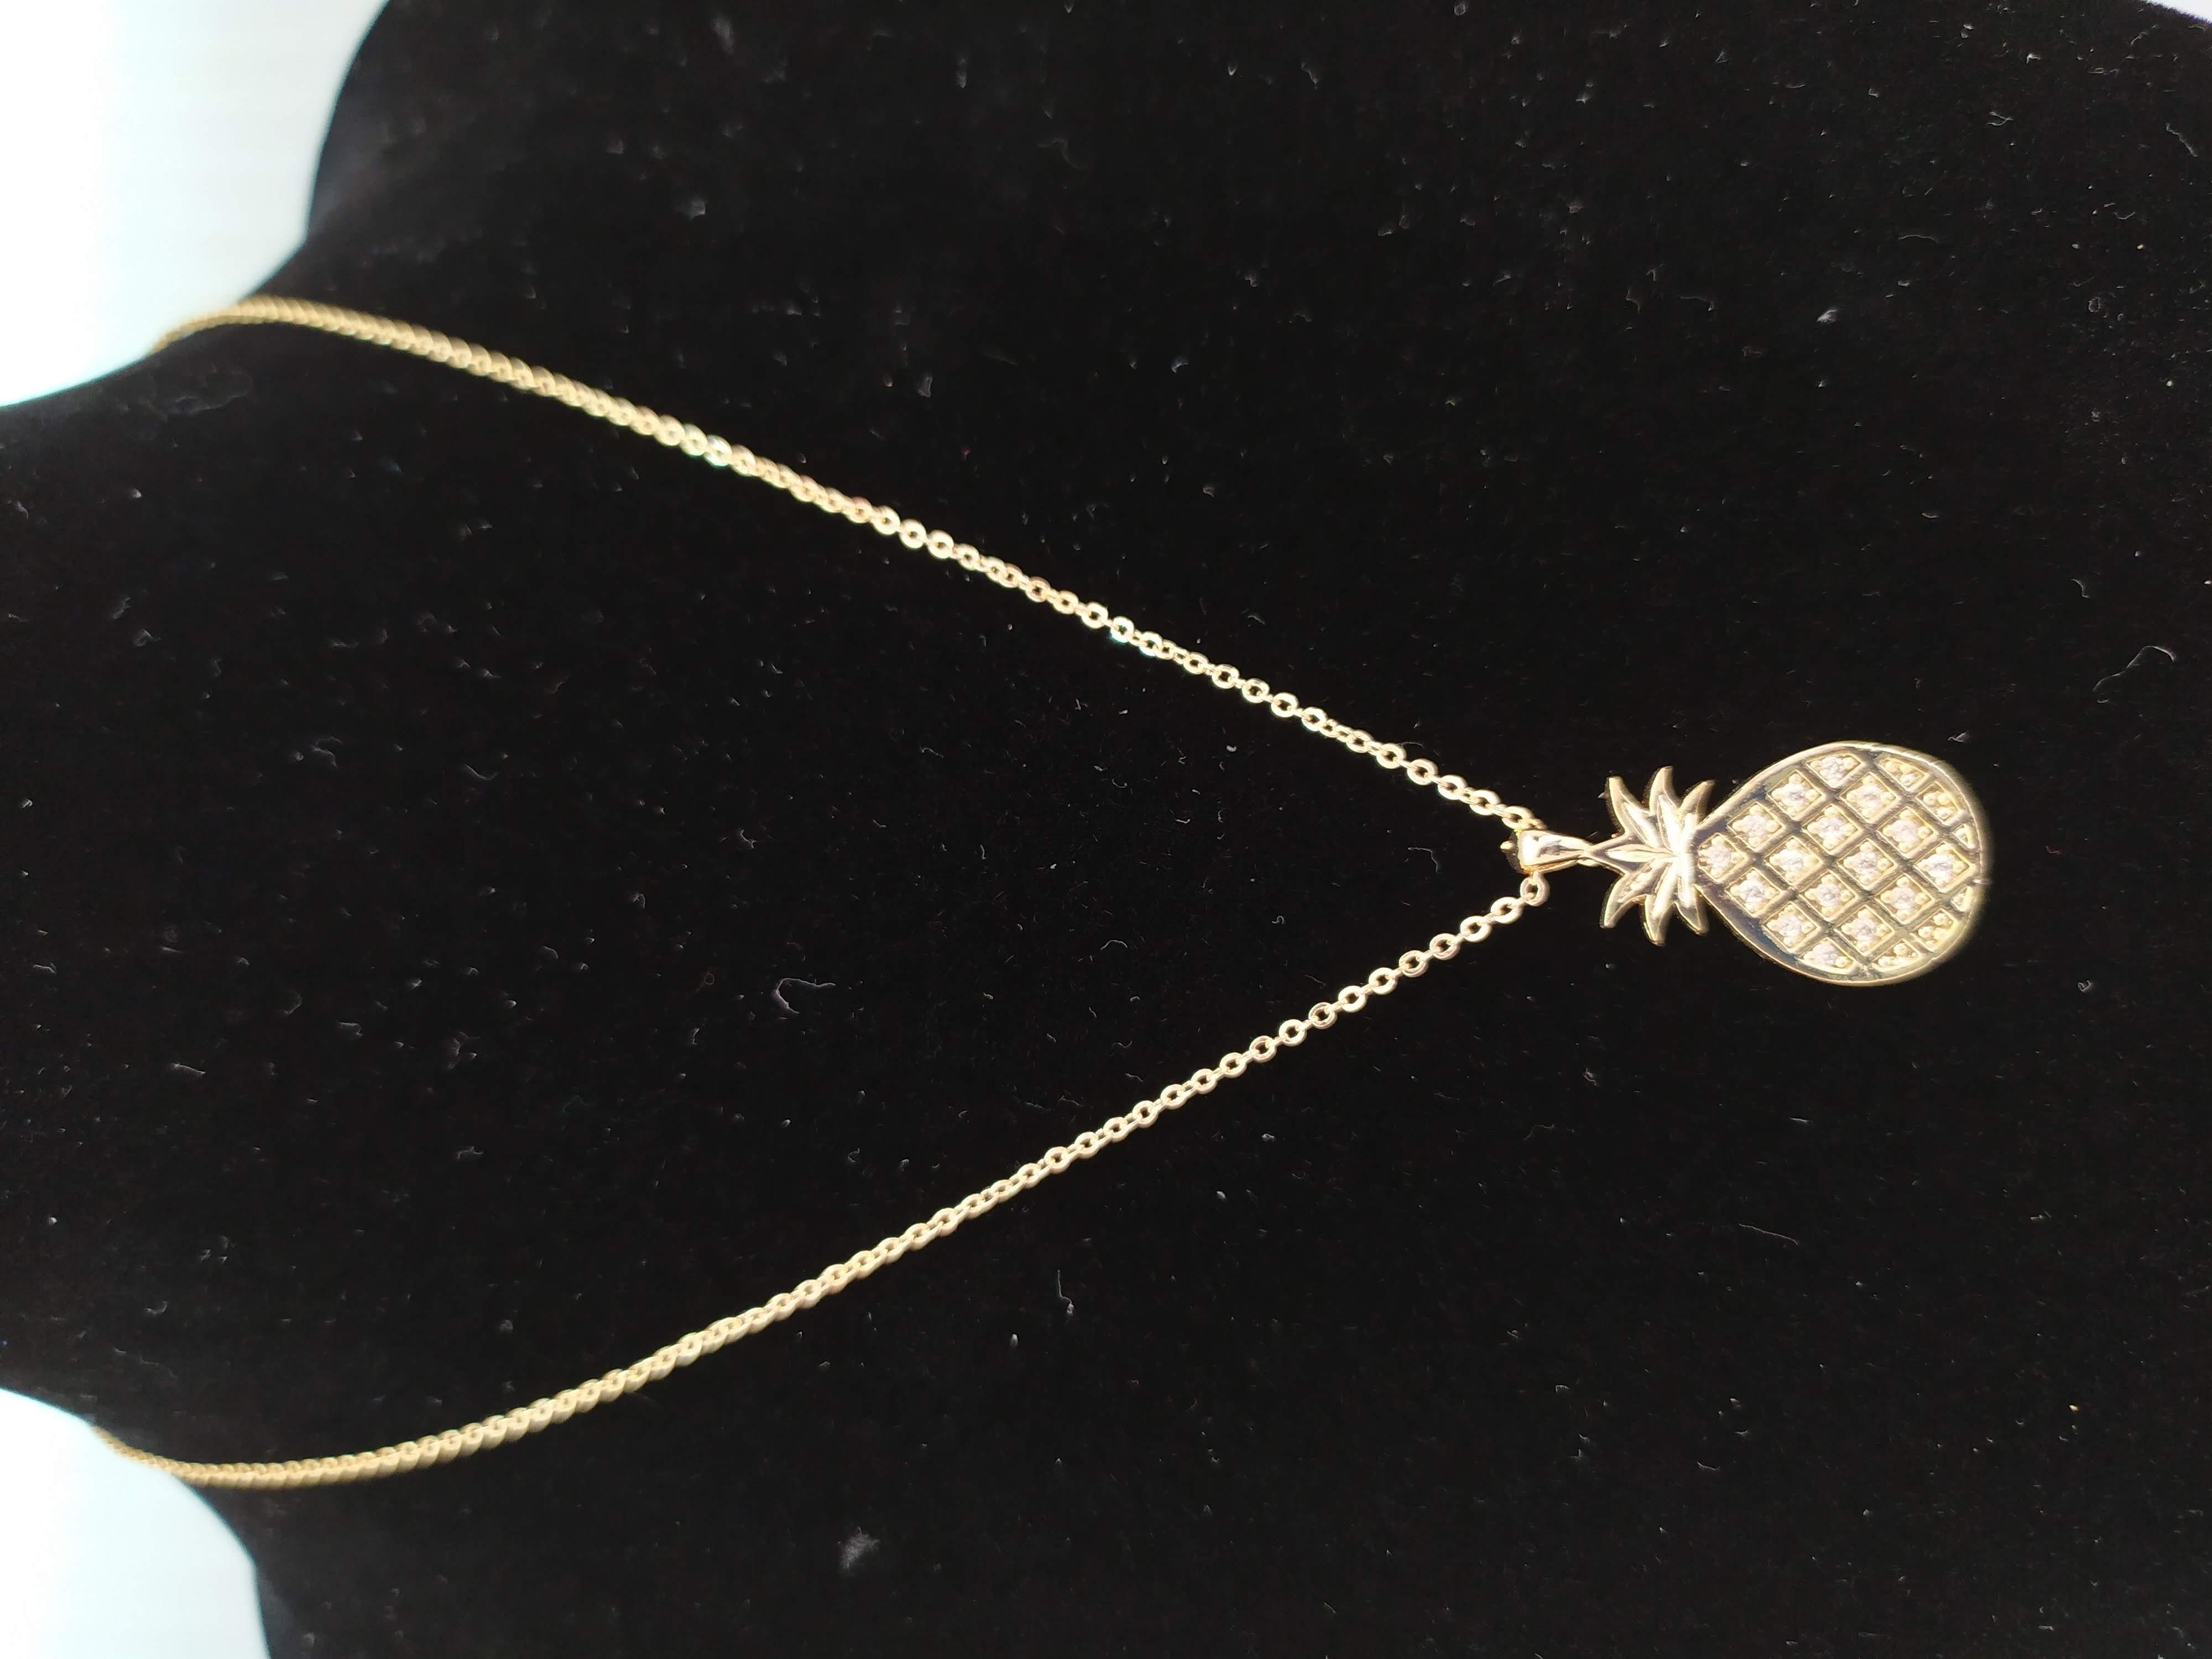 قلادة مطلية بالذهب مع الزركون الممتاز. لا يسبب الحساسية ، لا تغميق / Gold plated necklace with premium zircon. does not cause allergies, does not darken_26